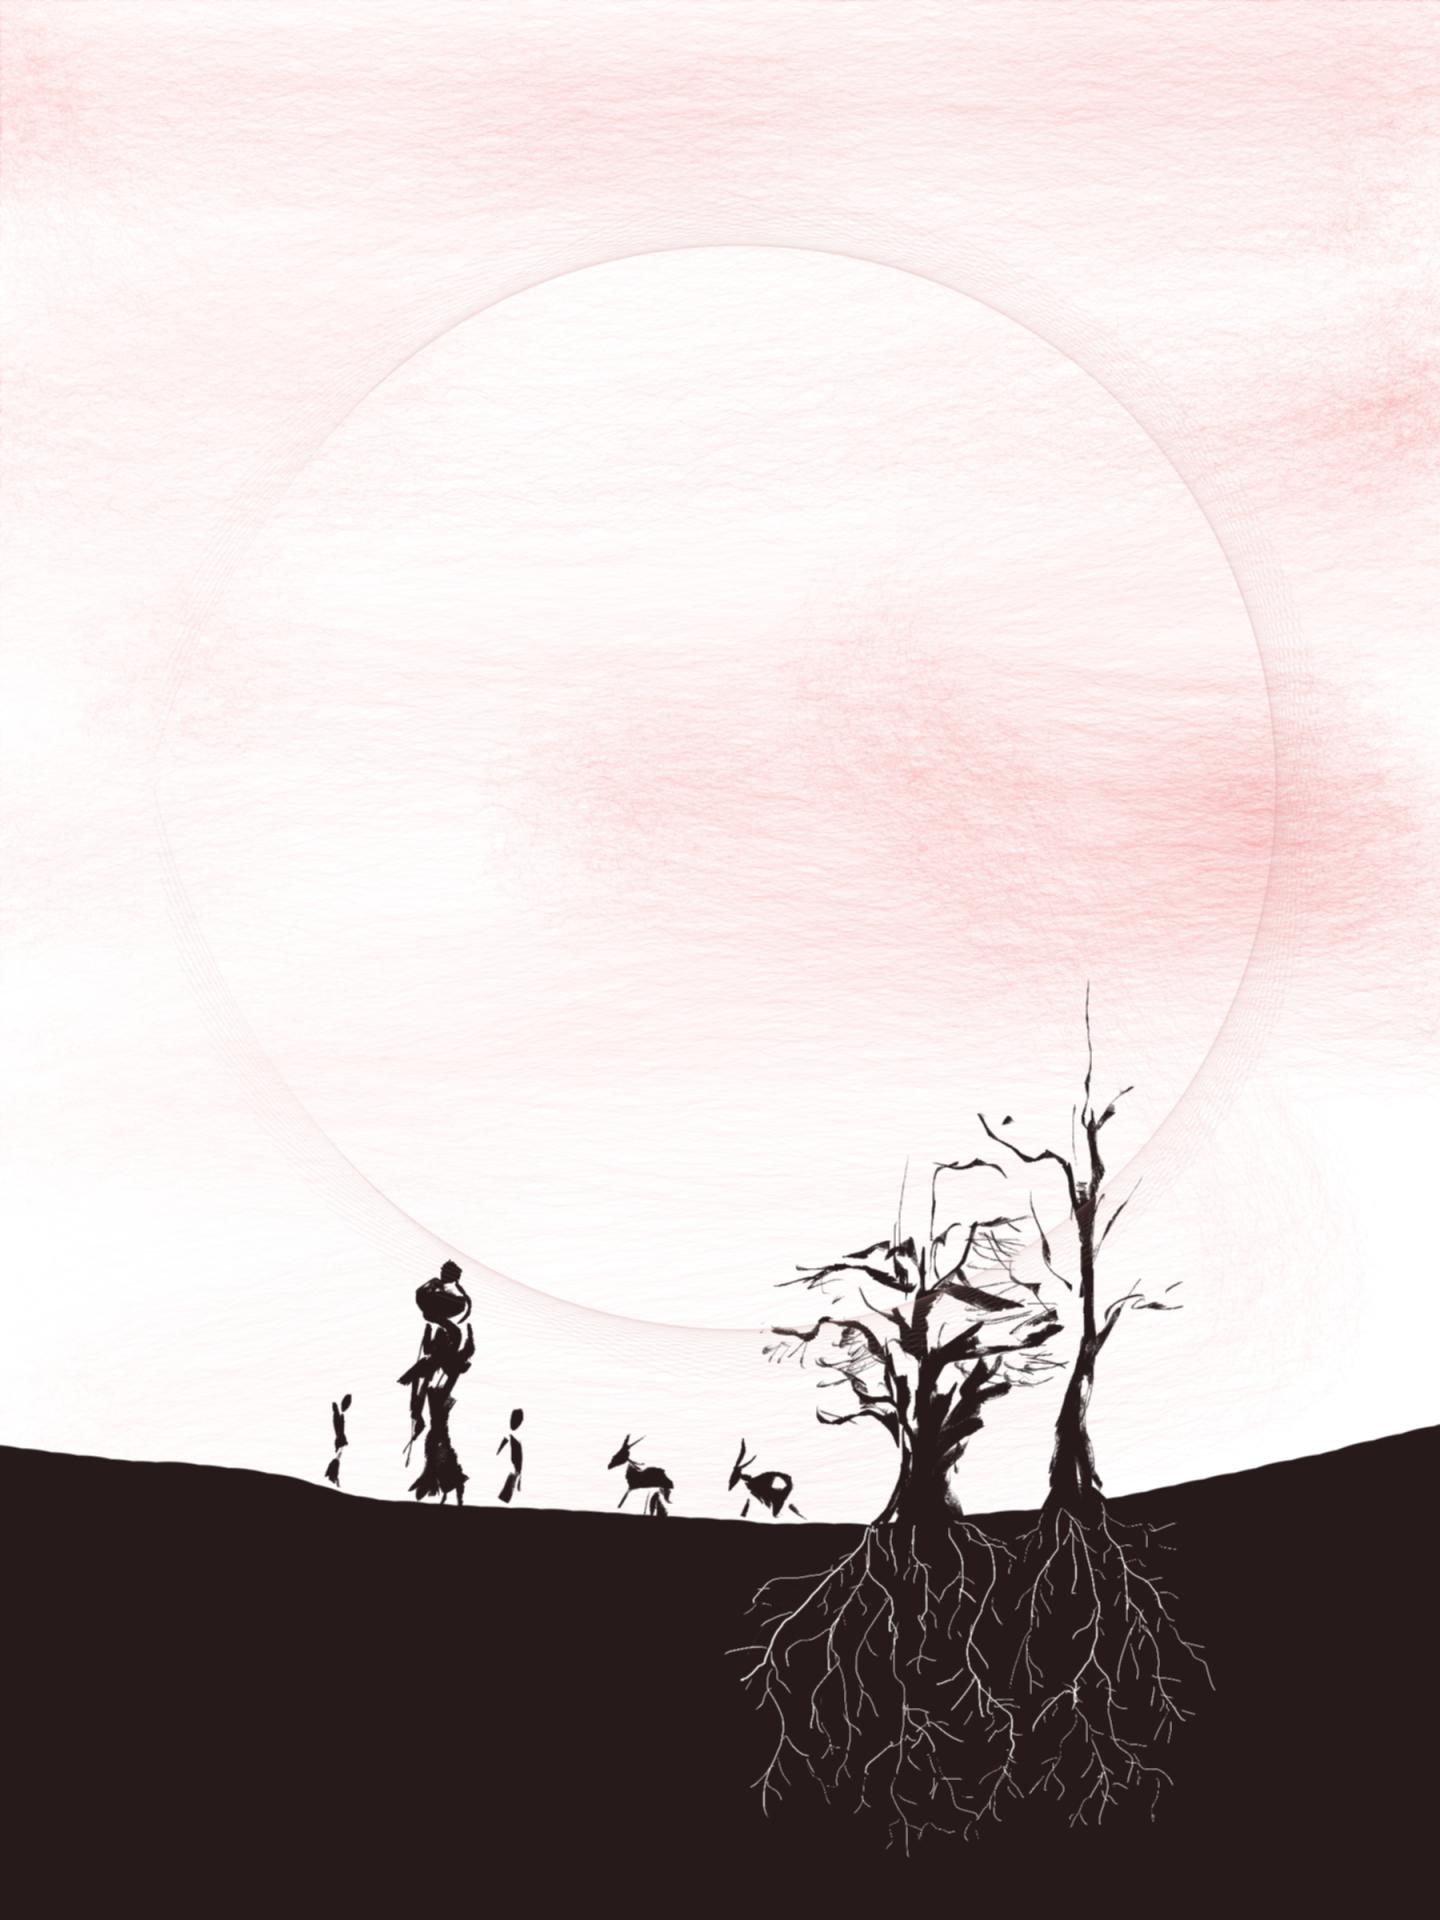 Woman, children, goats, trees, sunset